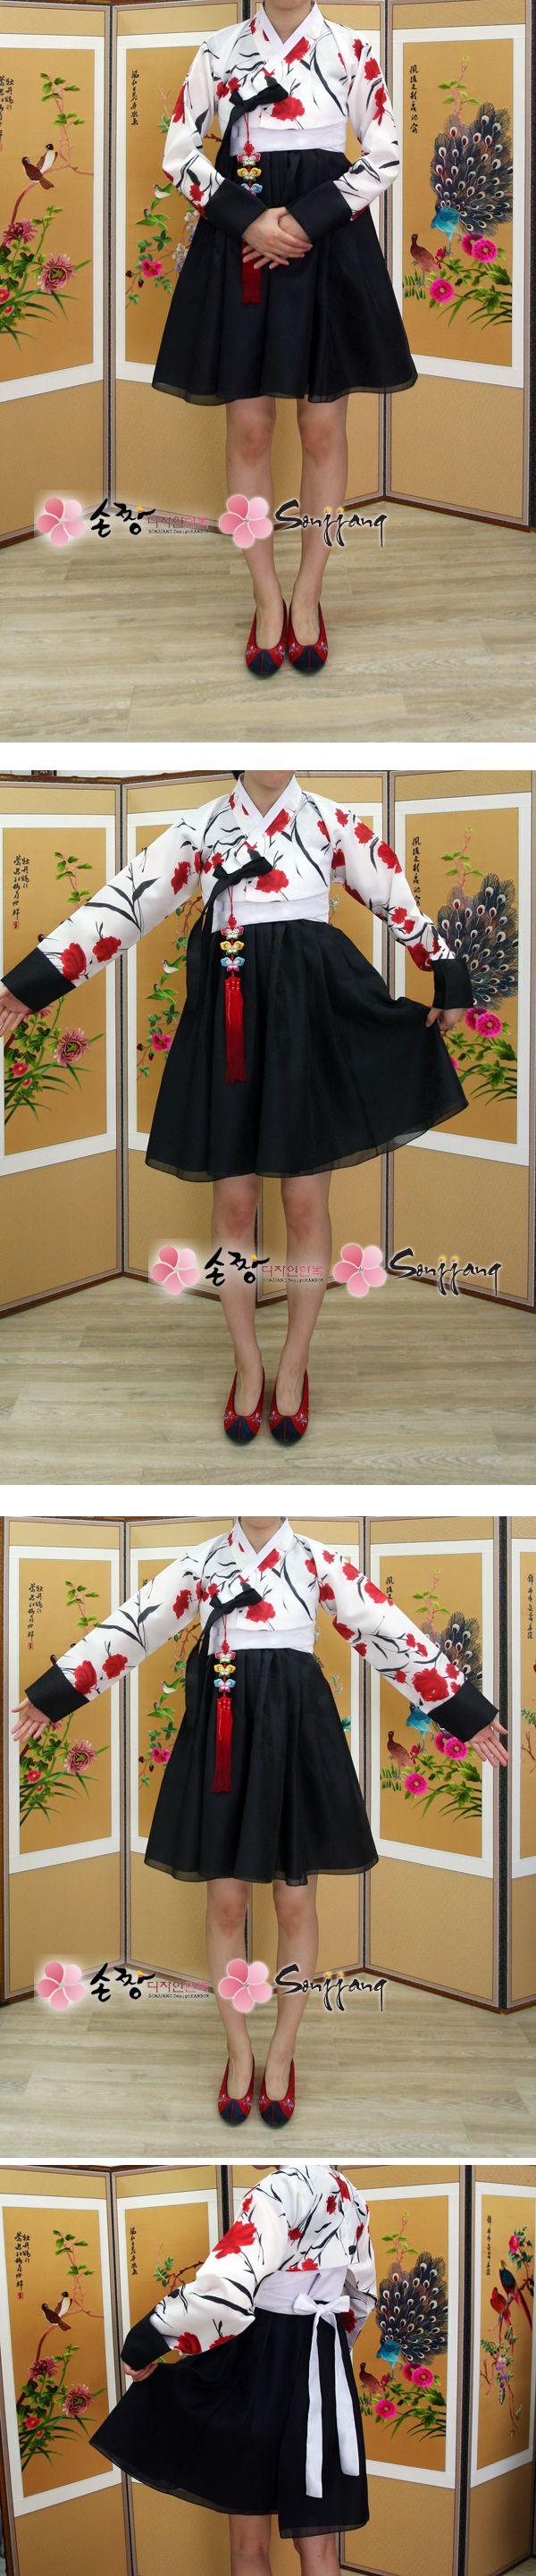 손짱 디자인한복-퓨전한복 대여,맞춤/한복드레스/결혼식한복 대여/혼주한복 대여